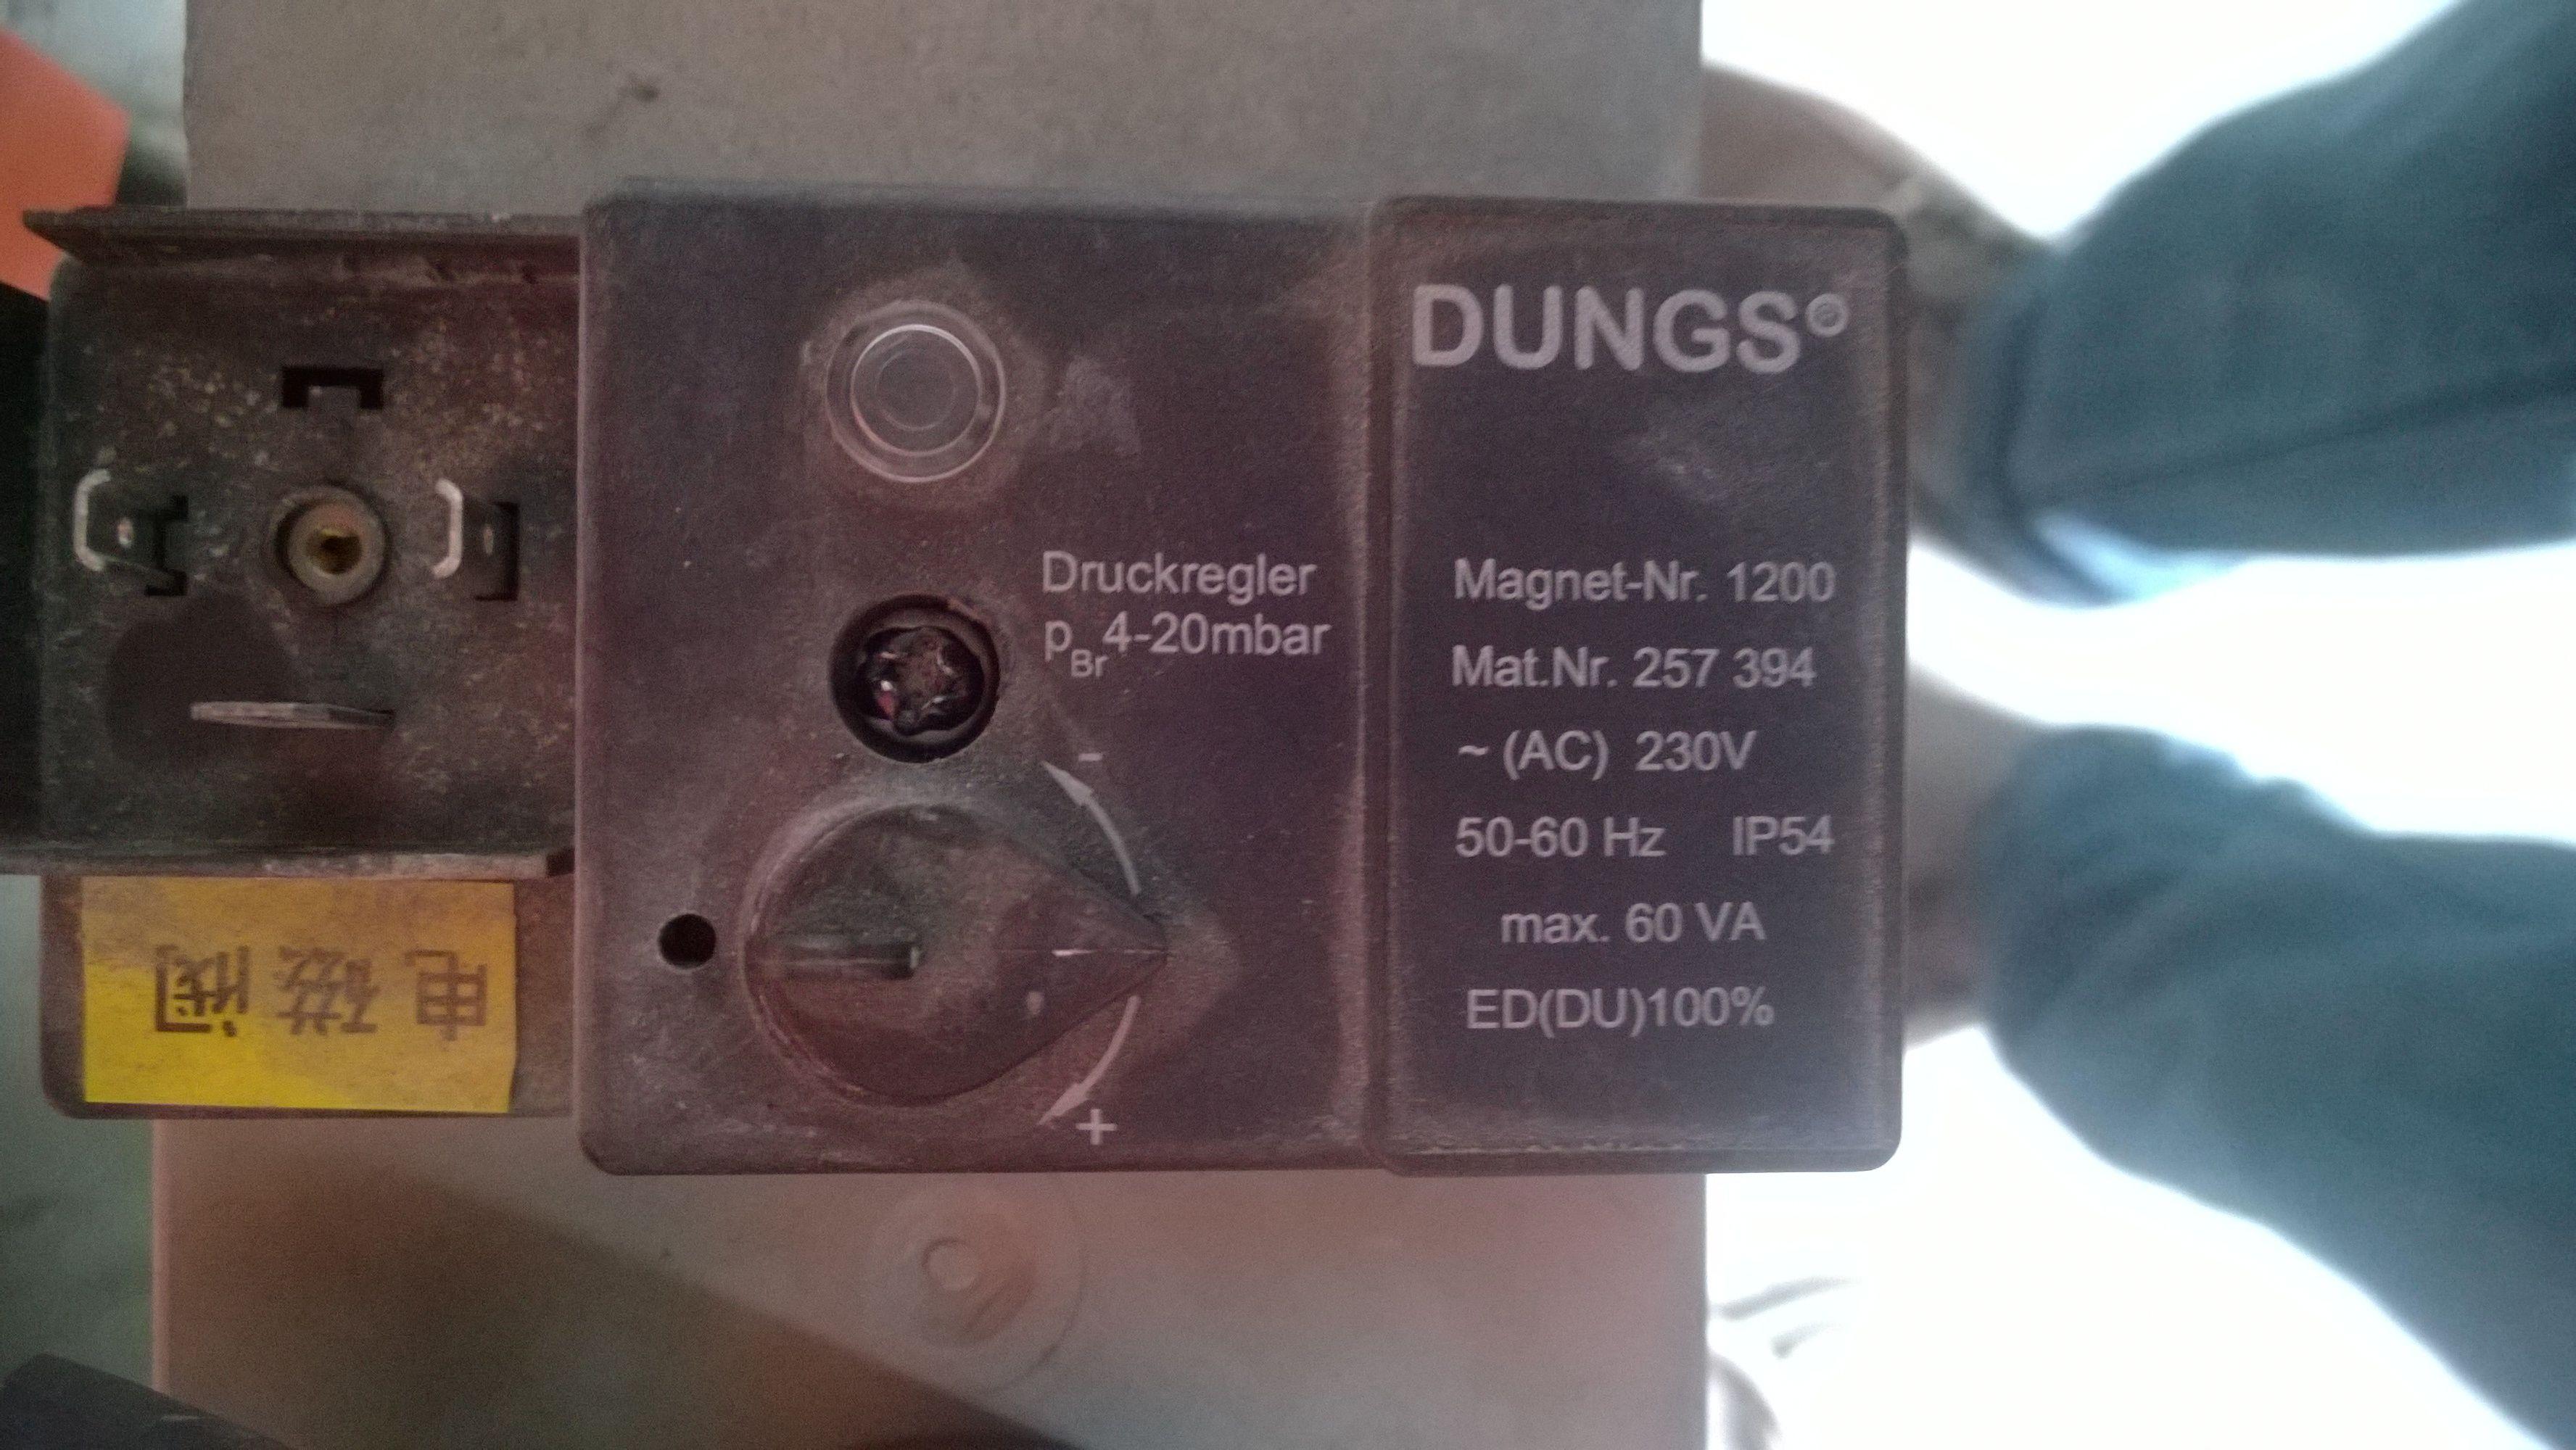 锅炉上,燃气电磁阀上的东西谁认识,跟我说下图片